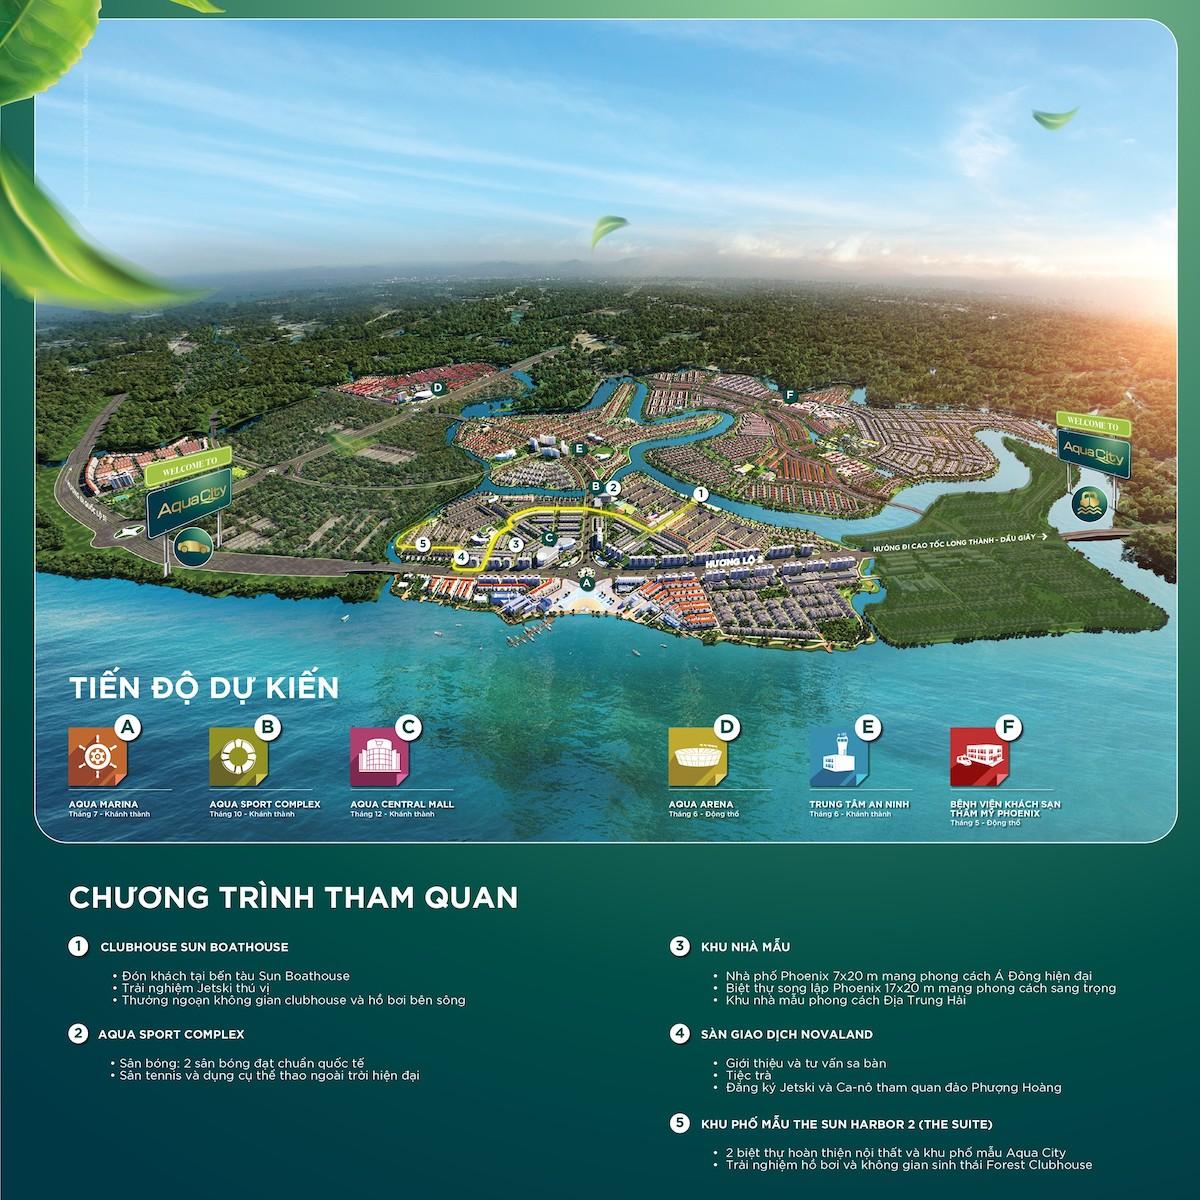 Tham quan nhà mẫu Aqua City - Lịch trình